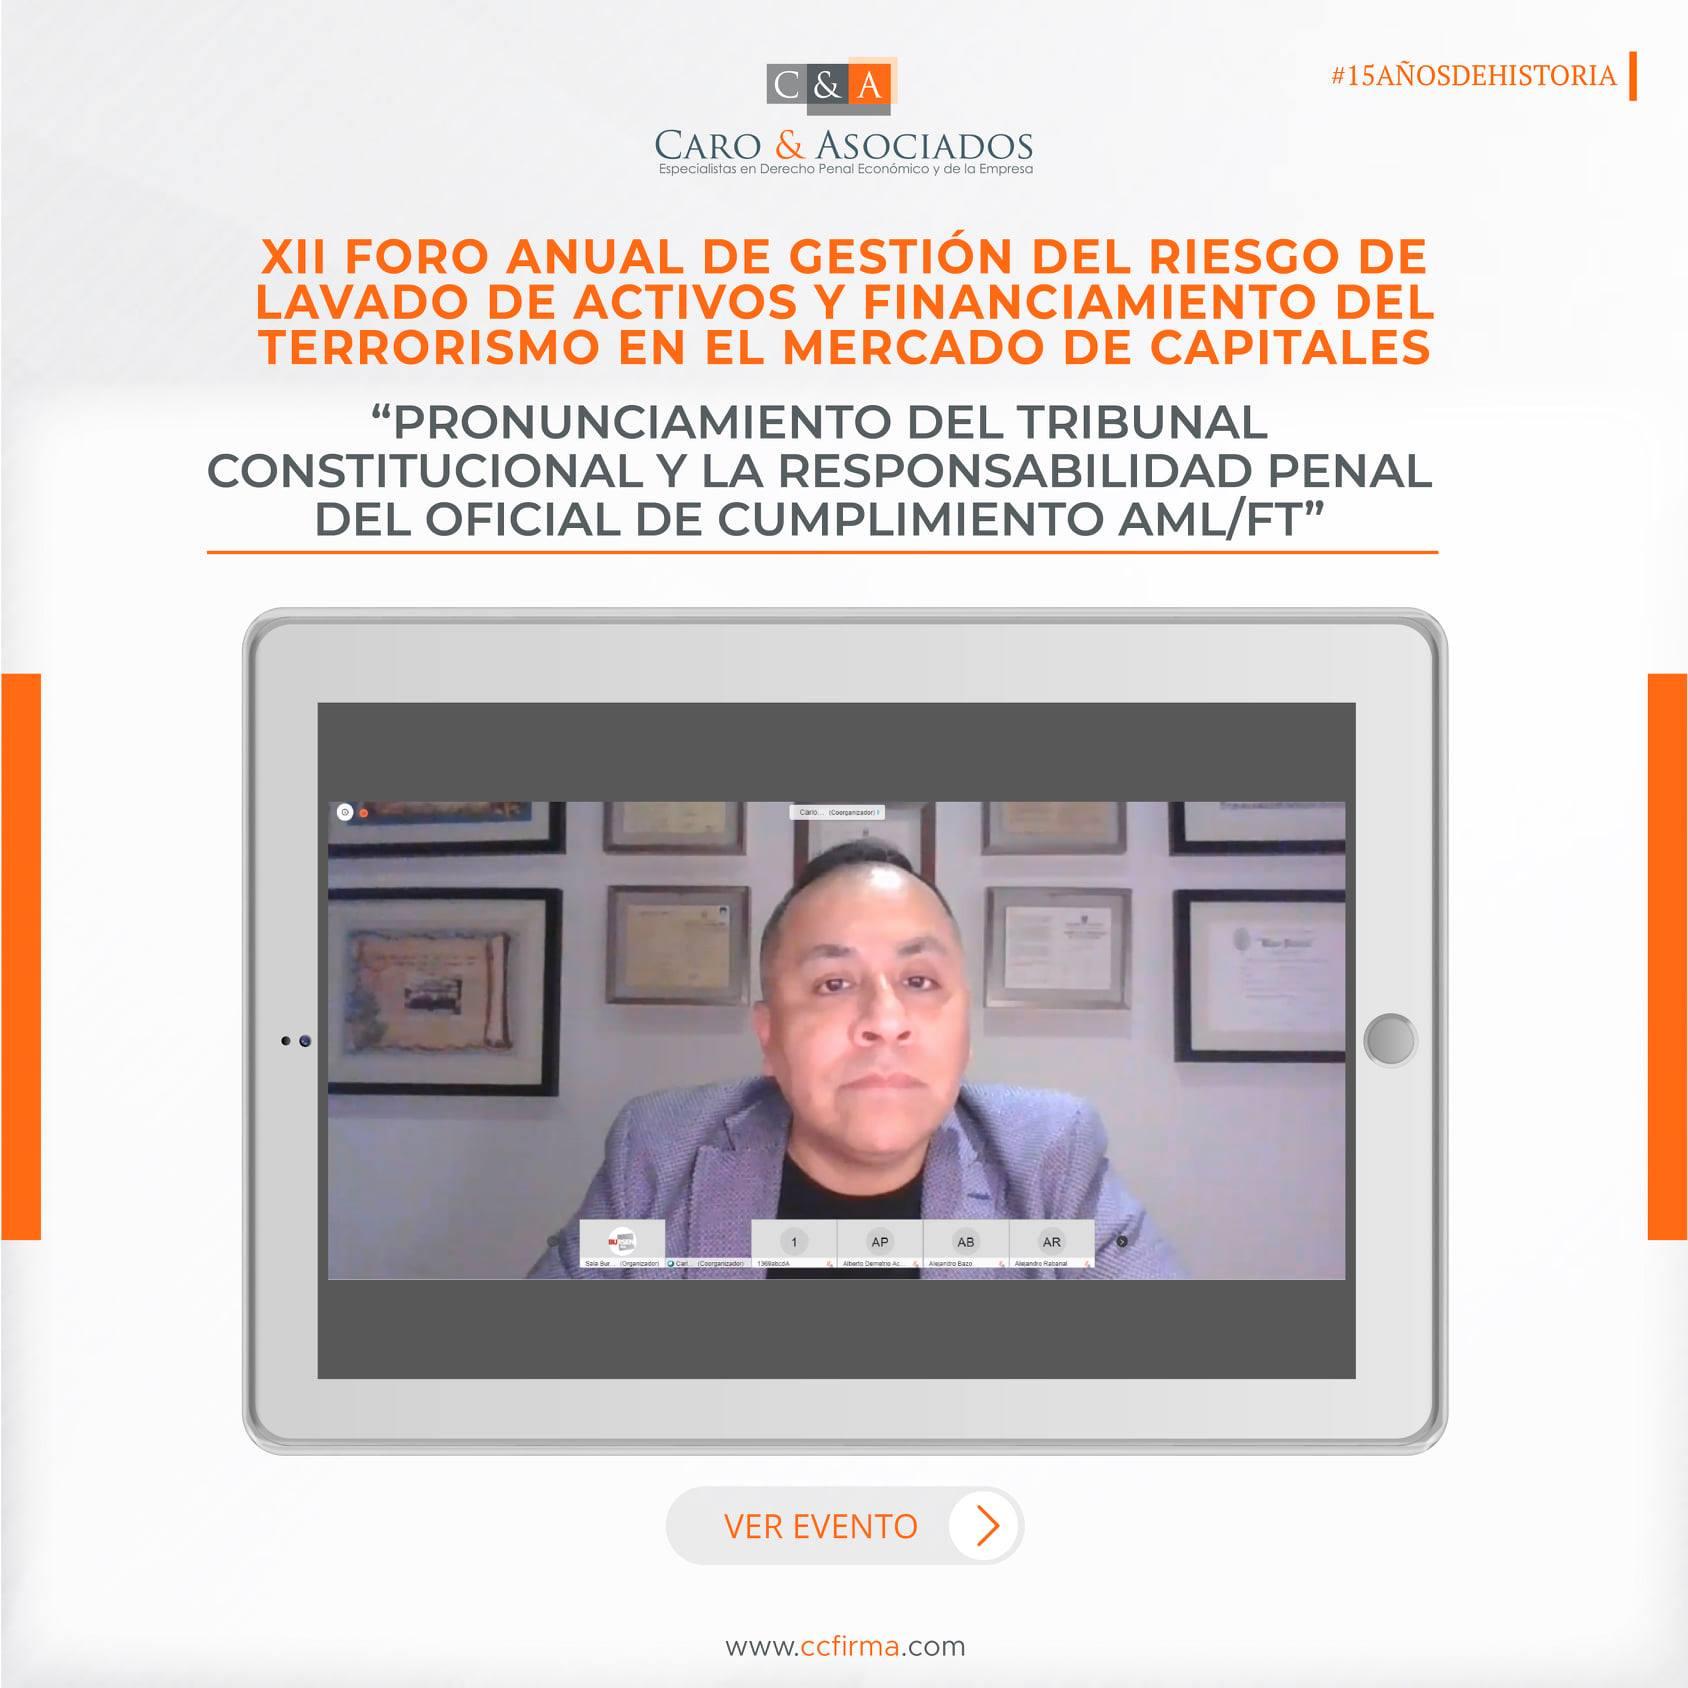 «Pronunciamiento Del Tribunal Constitucional Y La Responsabilidad Penal Del Oficial De Cumplimiento AML/FT»